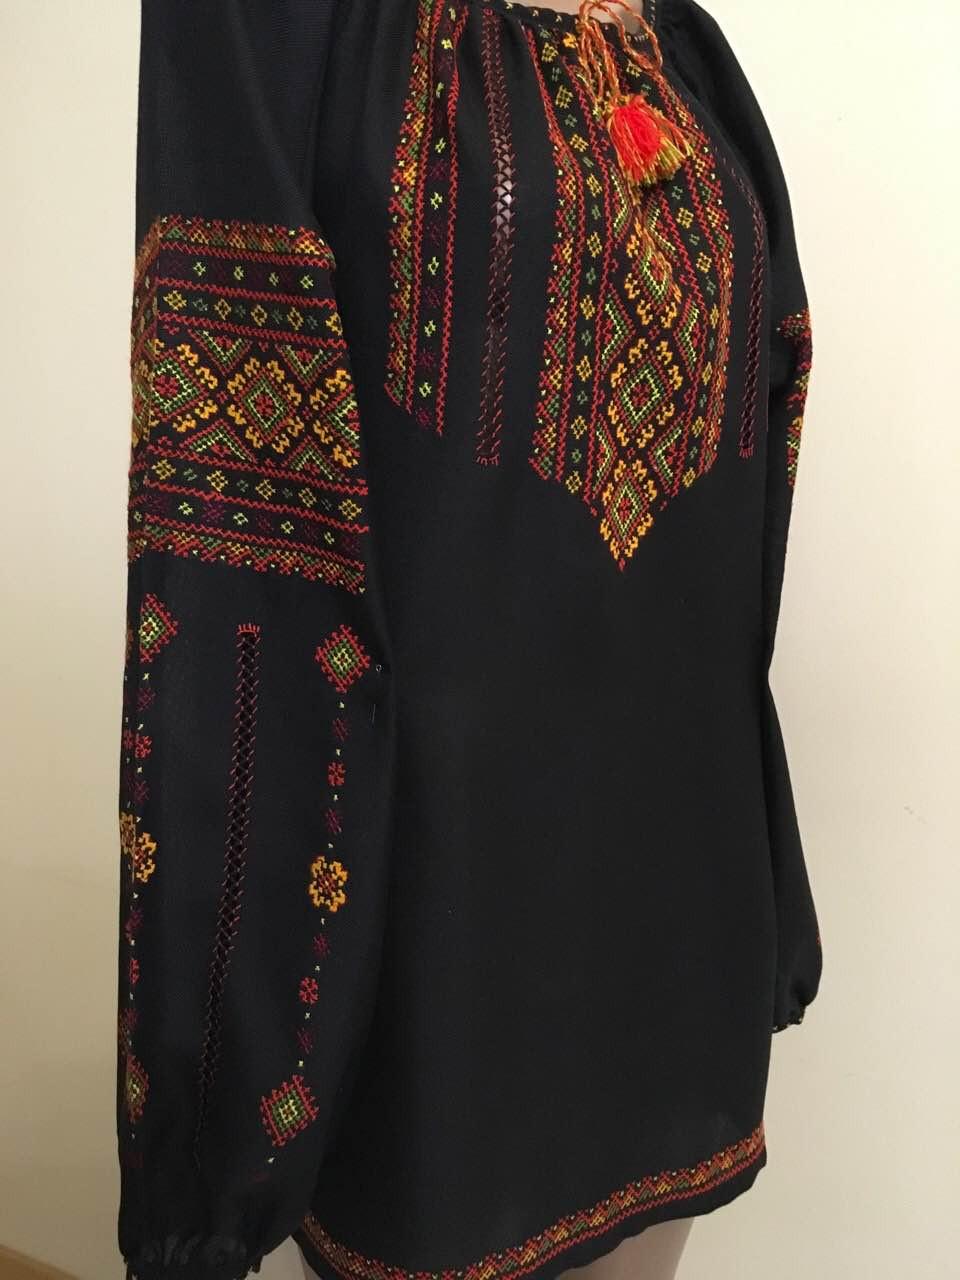 Вишиванка чорна жіноча шифонова з орнаментом ручної роботи  продажа ... 693e185d70665